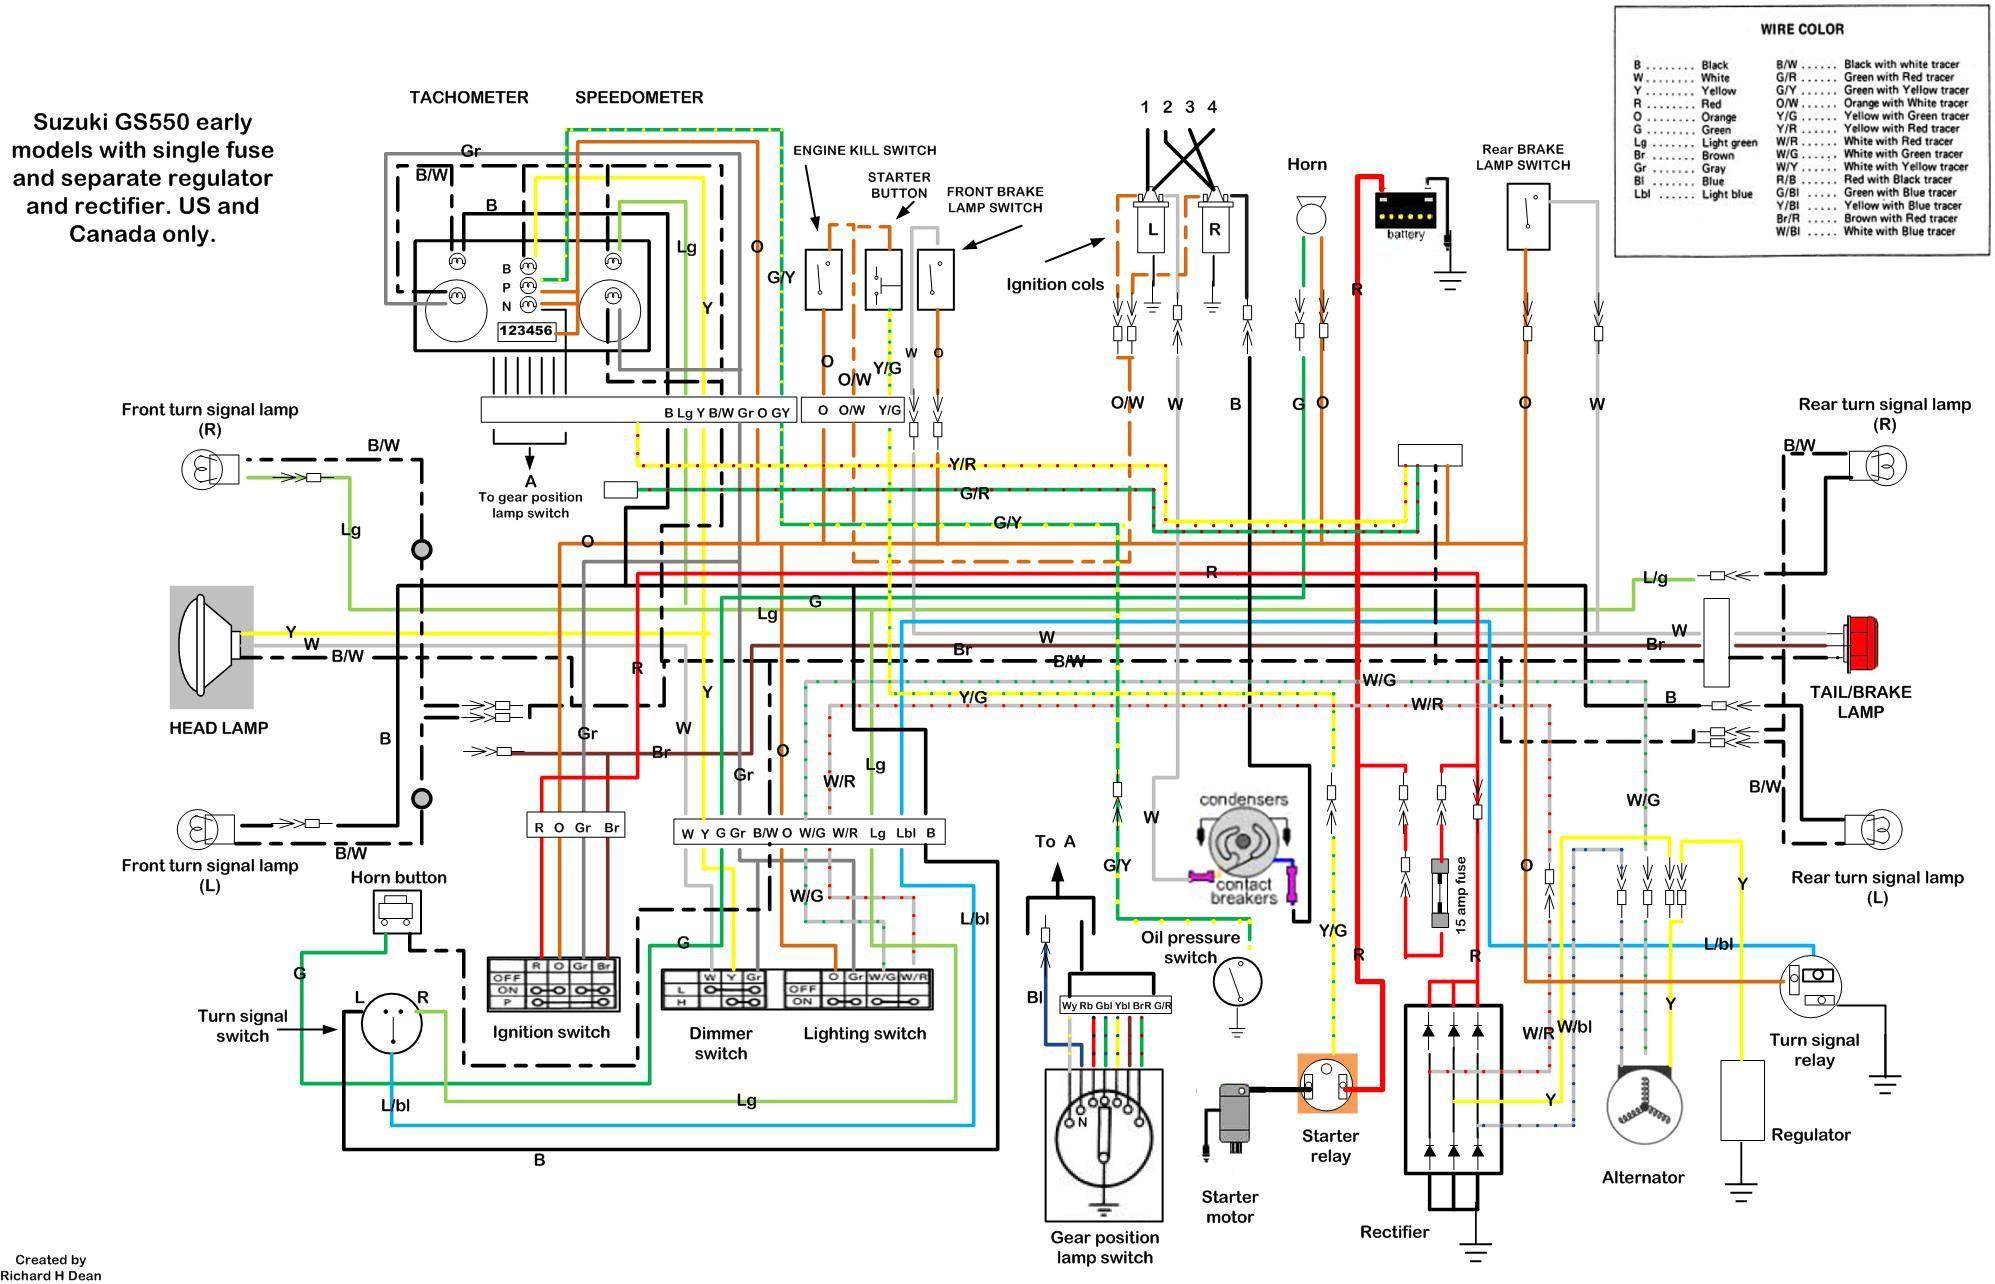 Stupendous 1981 Suzuki Wiring Diagram Wiring Diagram Wiring Cloud Waroletkolfr09Org